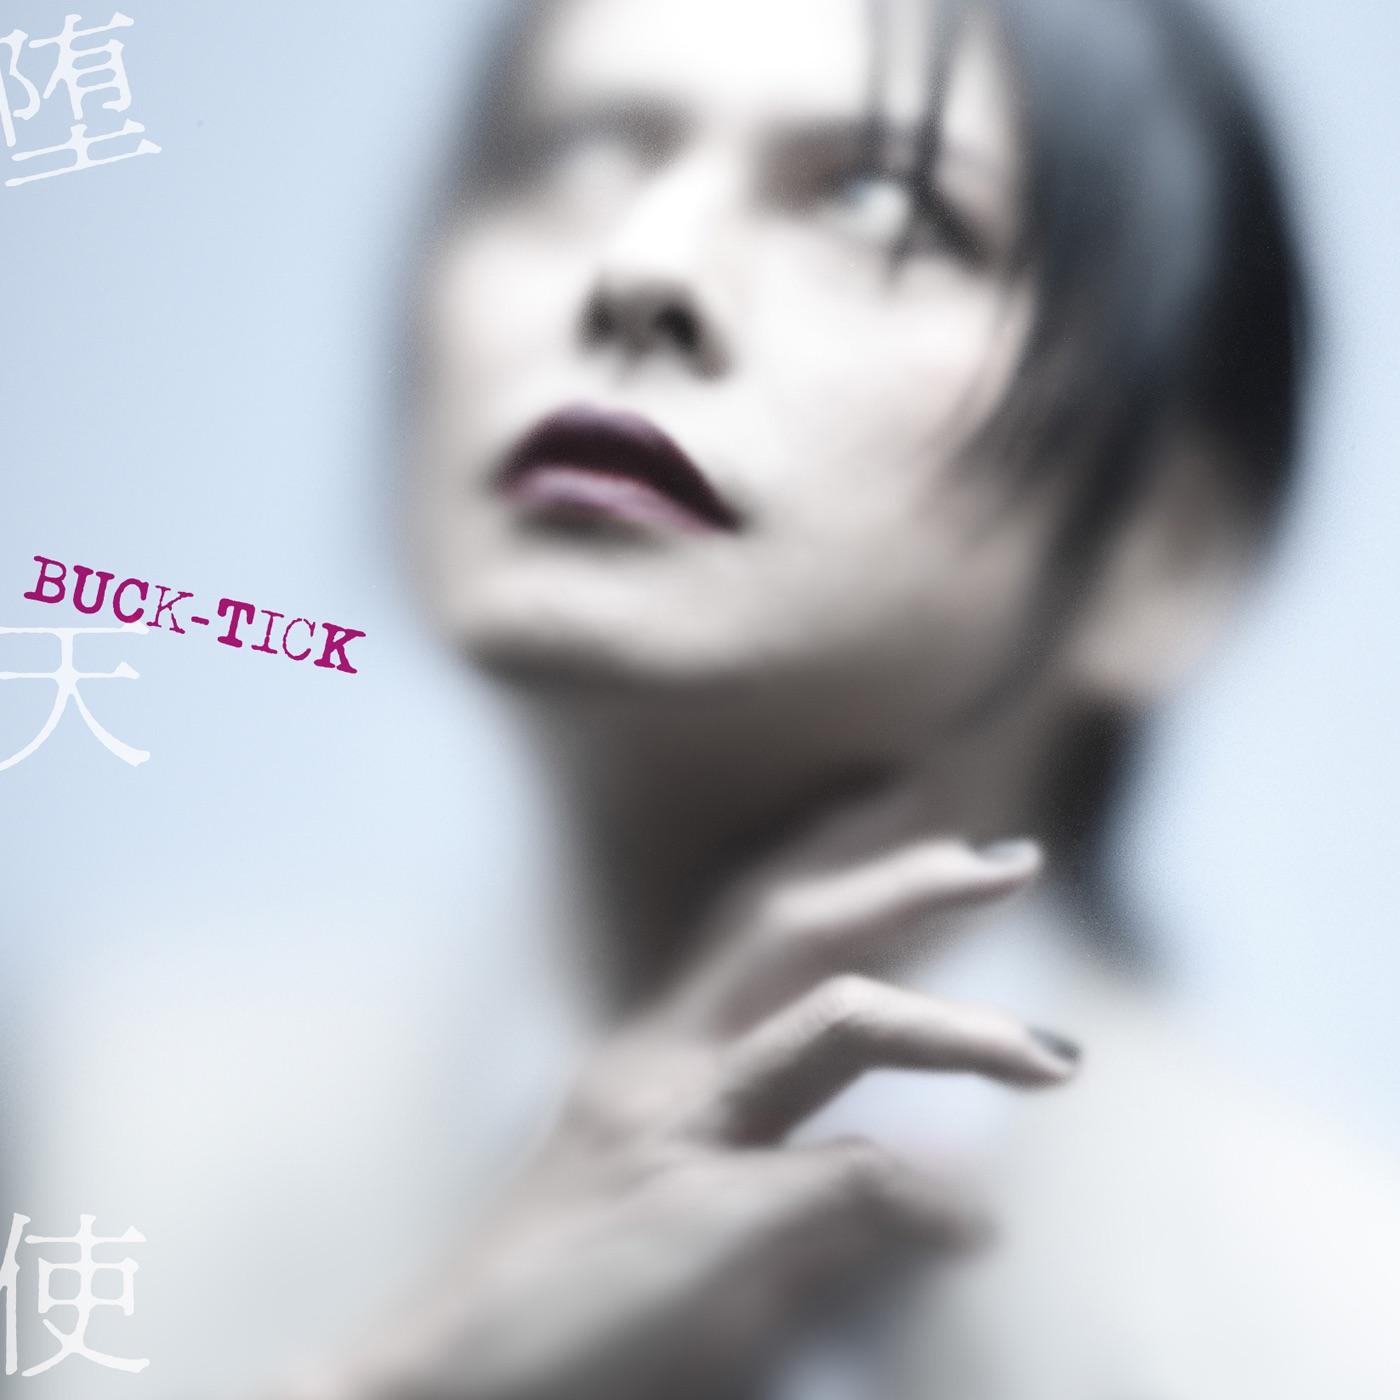 BUCK-TICK – Datenshi (Single)